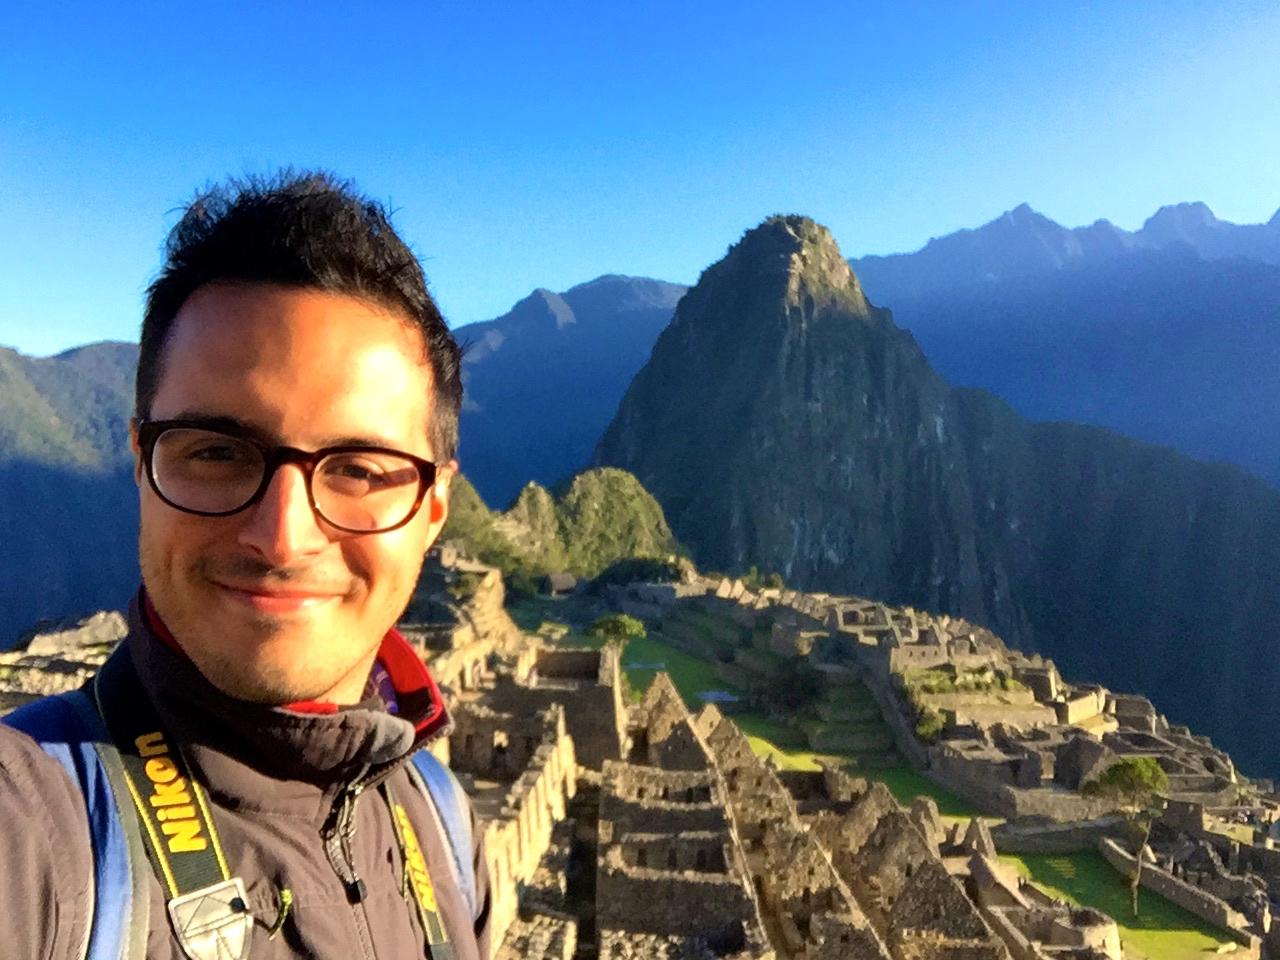 Taking it all in at Machu Picchu, Perú.